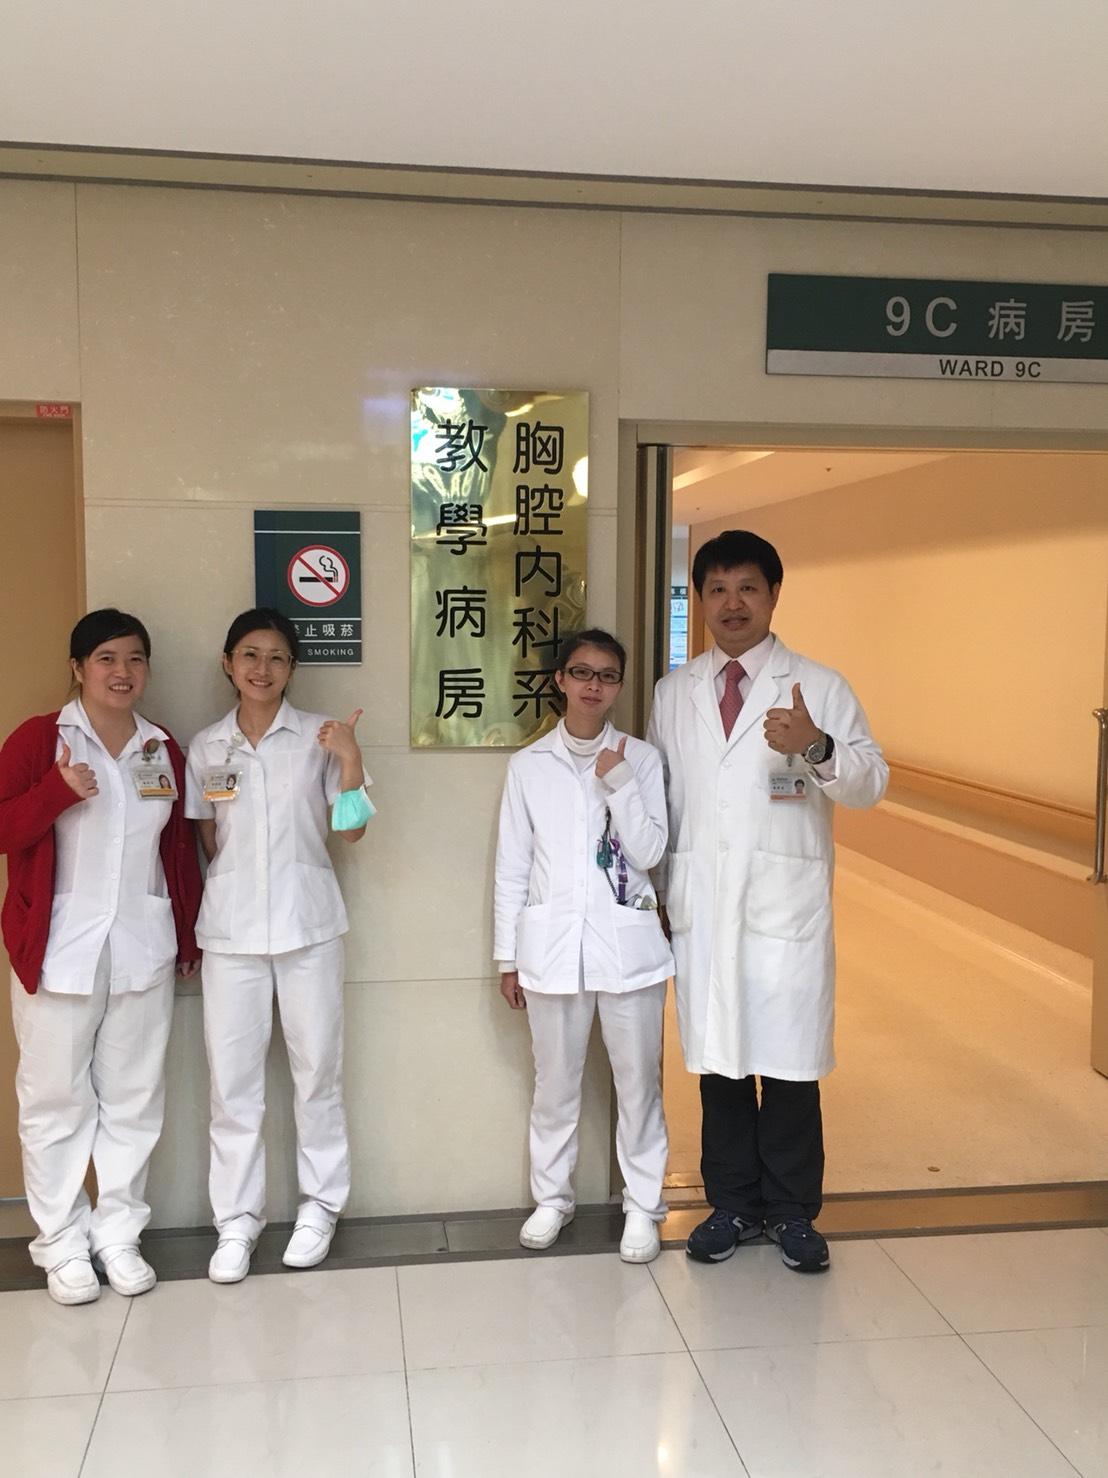 基隆長庚醫院臨床試驗團隊